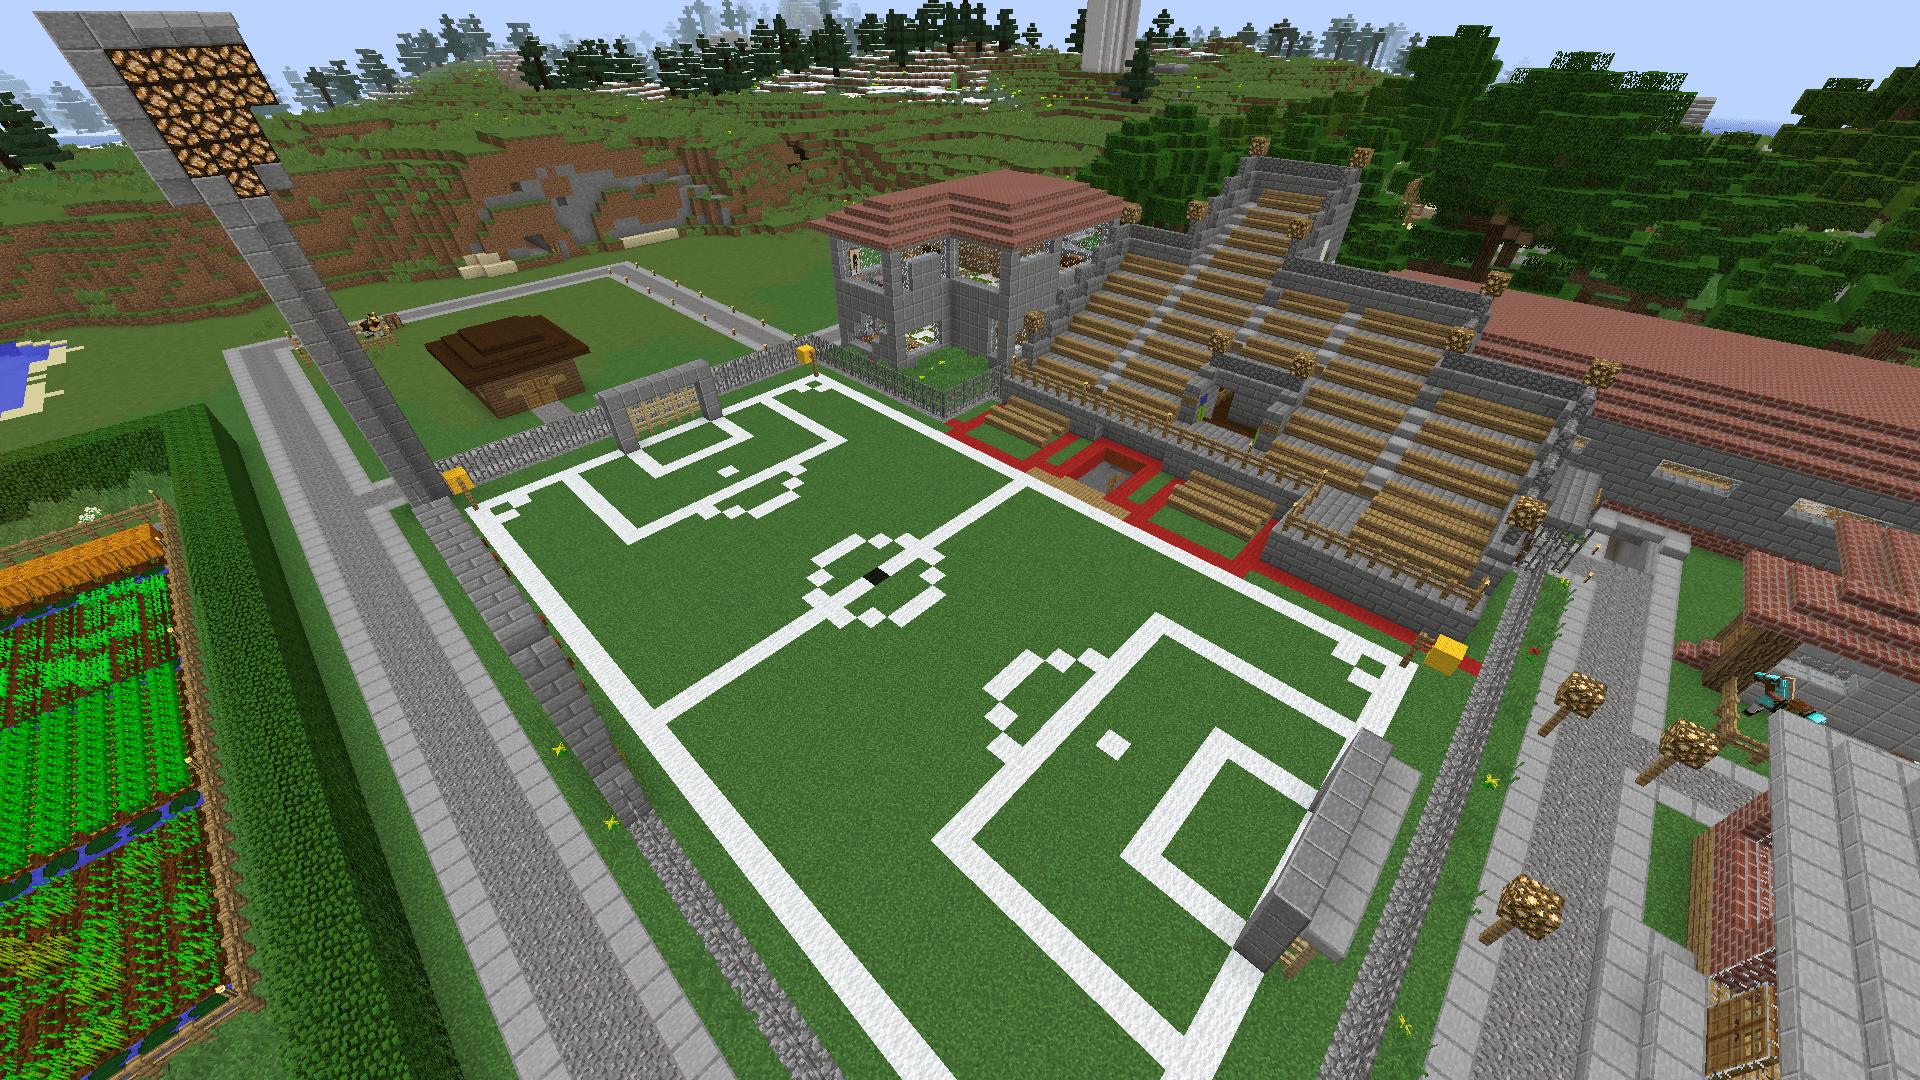 Häuser Bauideen Archive MinecraftBauideende - Coole minecraft hauser anleitung